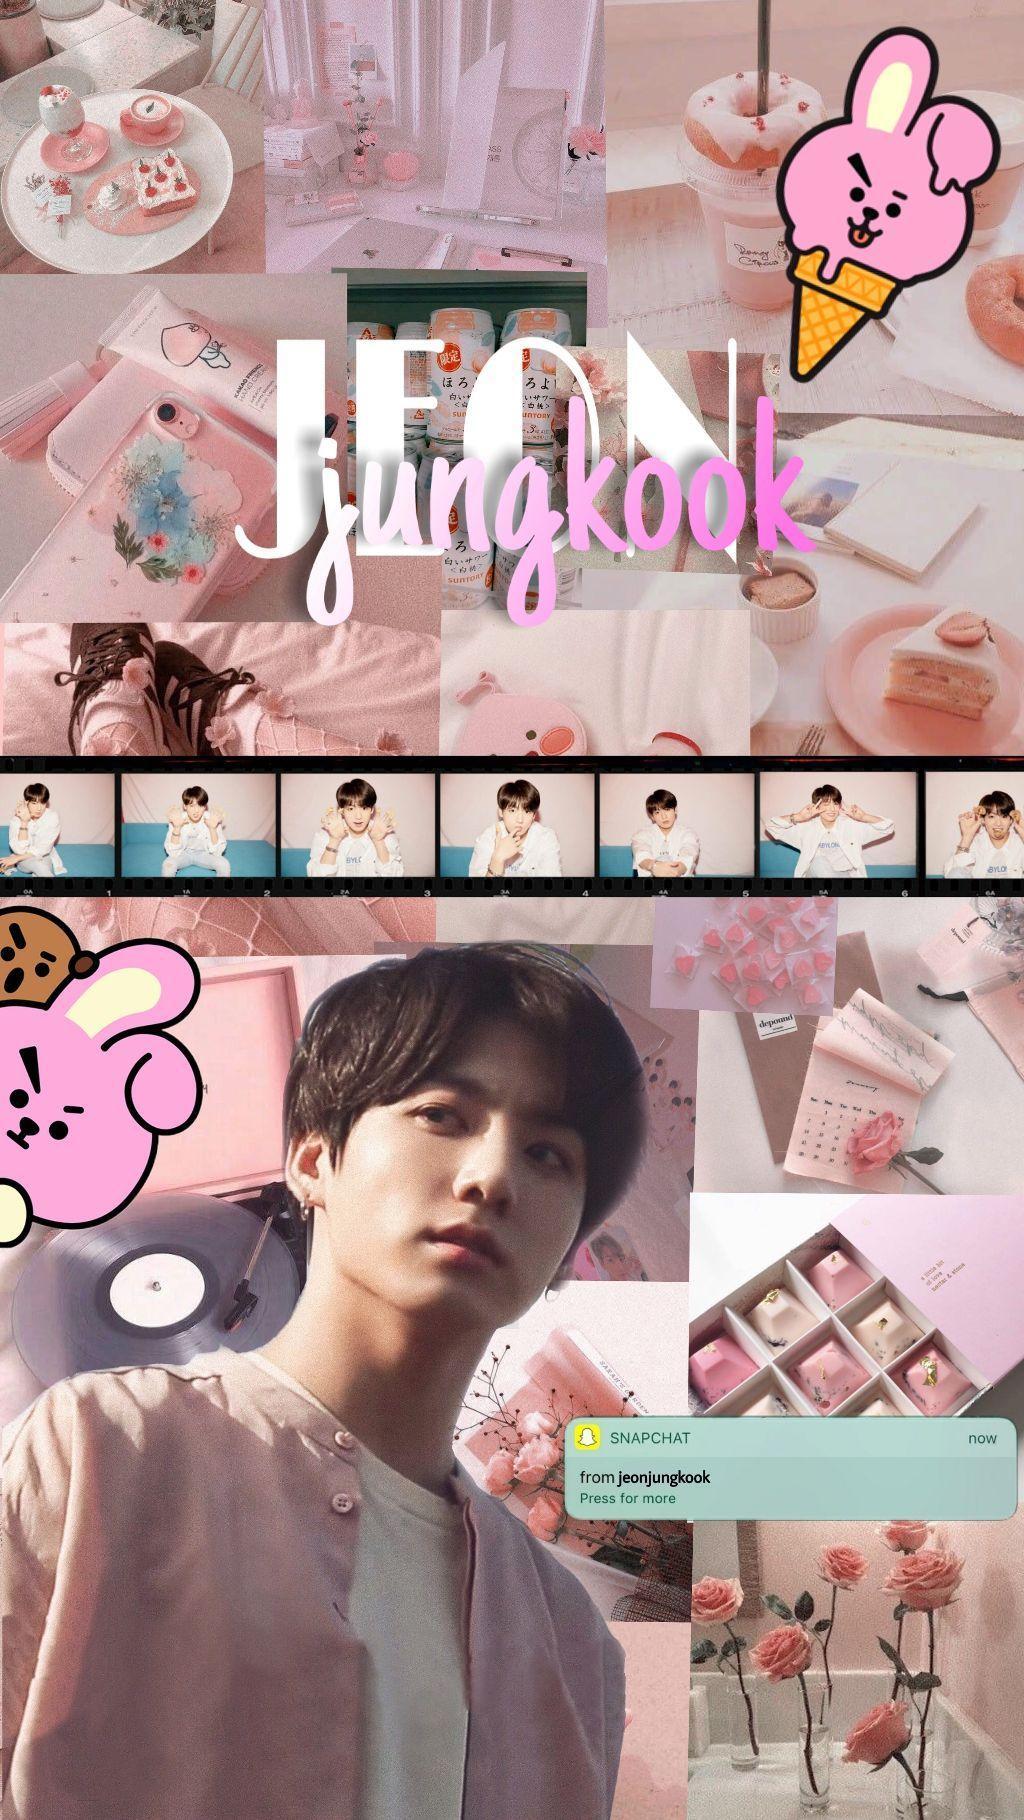 Jungkook Aesthetic Wallpapers Top Free Jungkook Aesthetic